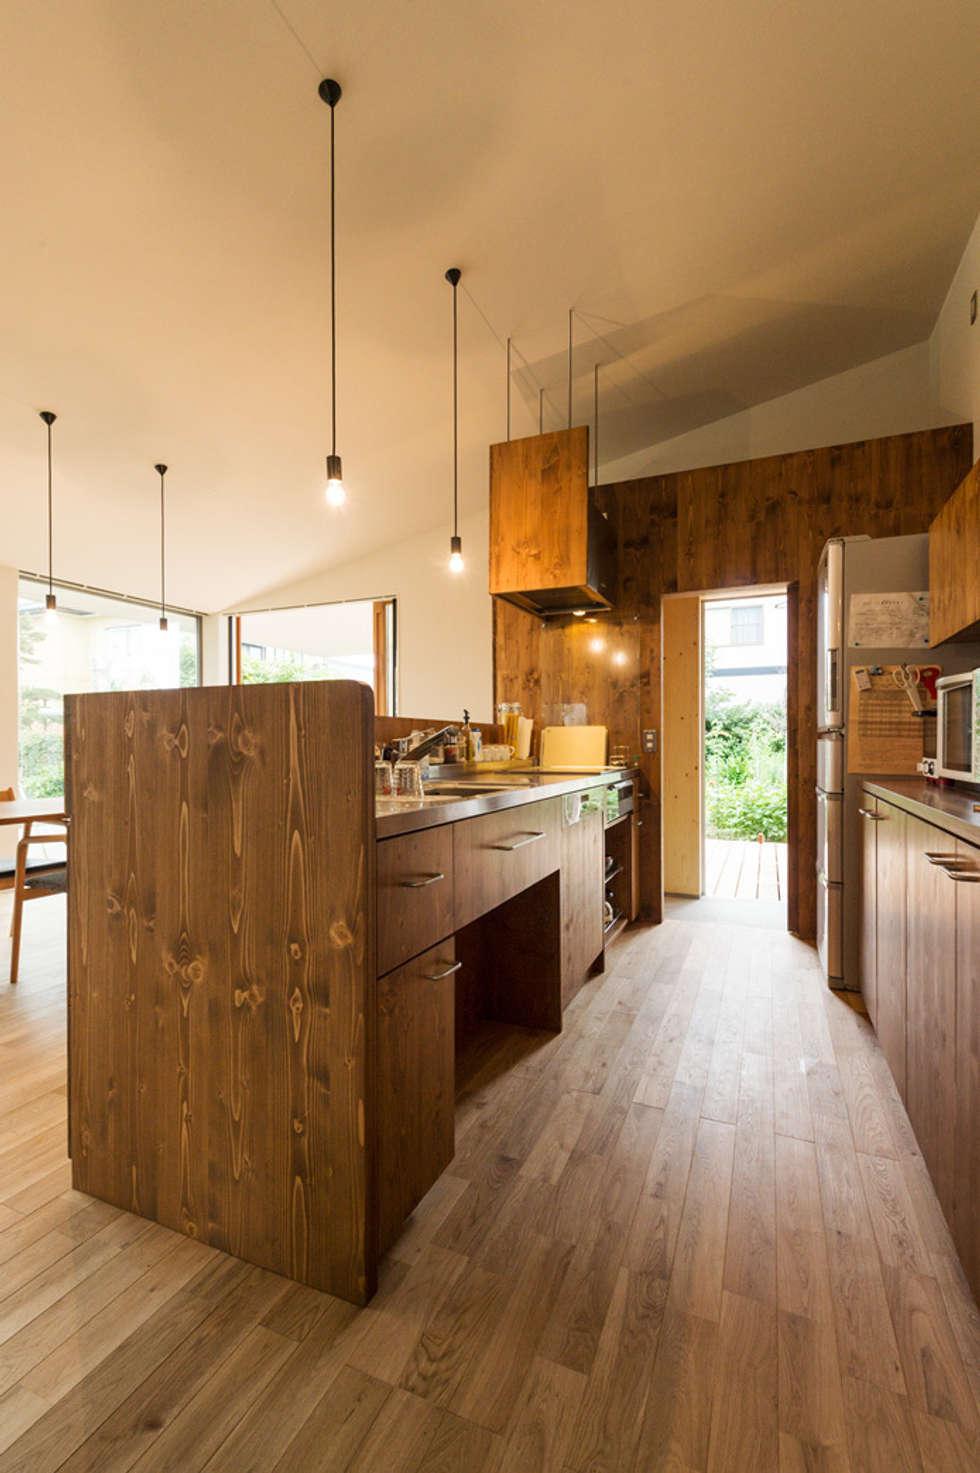 大きな一枚屋根の下で: エヌ スケッチが手掛けたキッチンです。